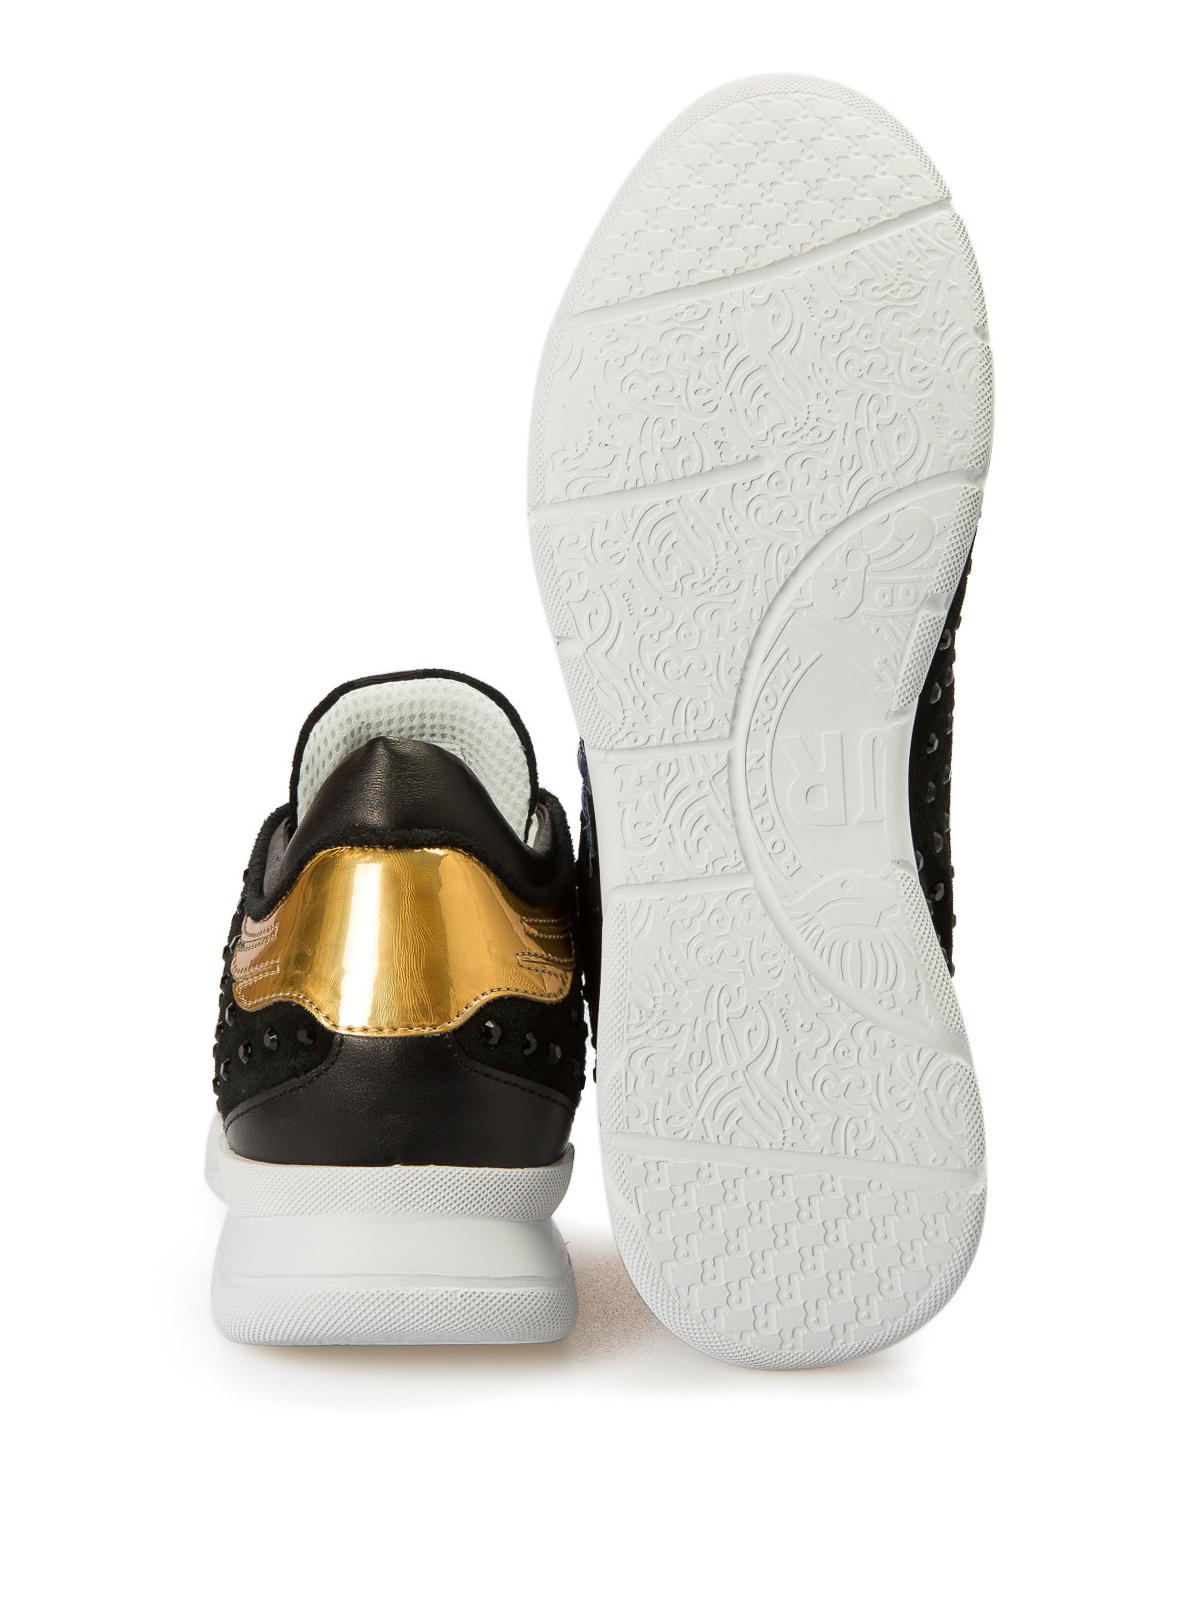 John Richmond Shoes Buy Online